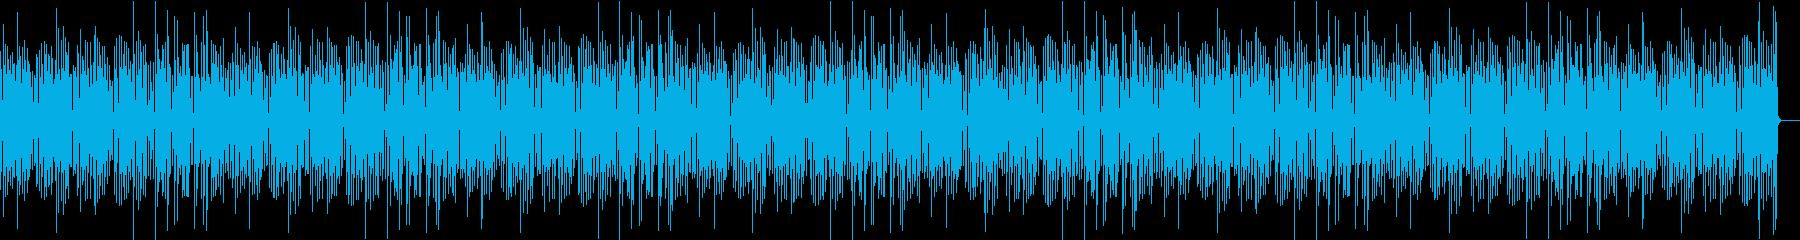 おしゃれで可愛いラグタイムピアノの再生済みの波形